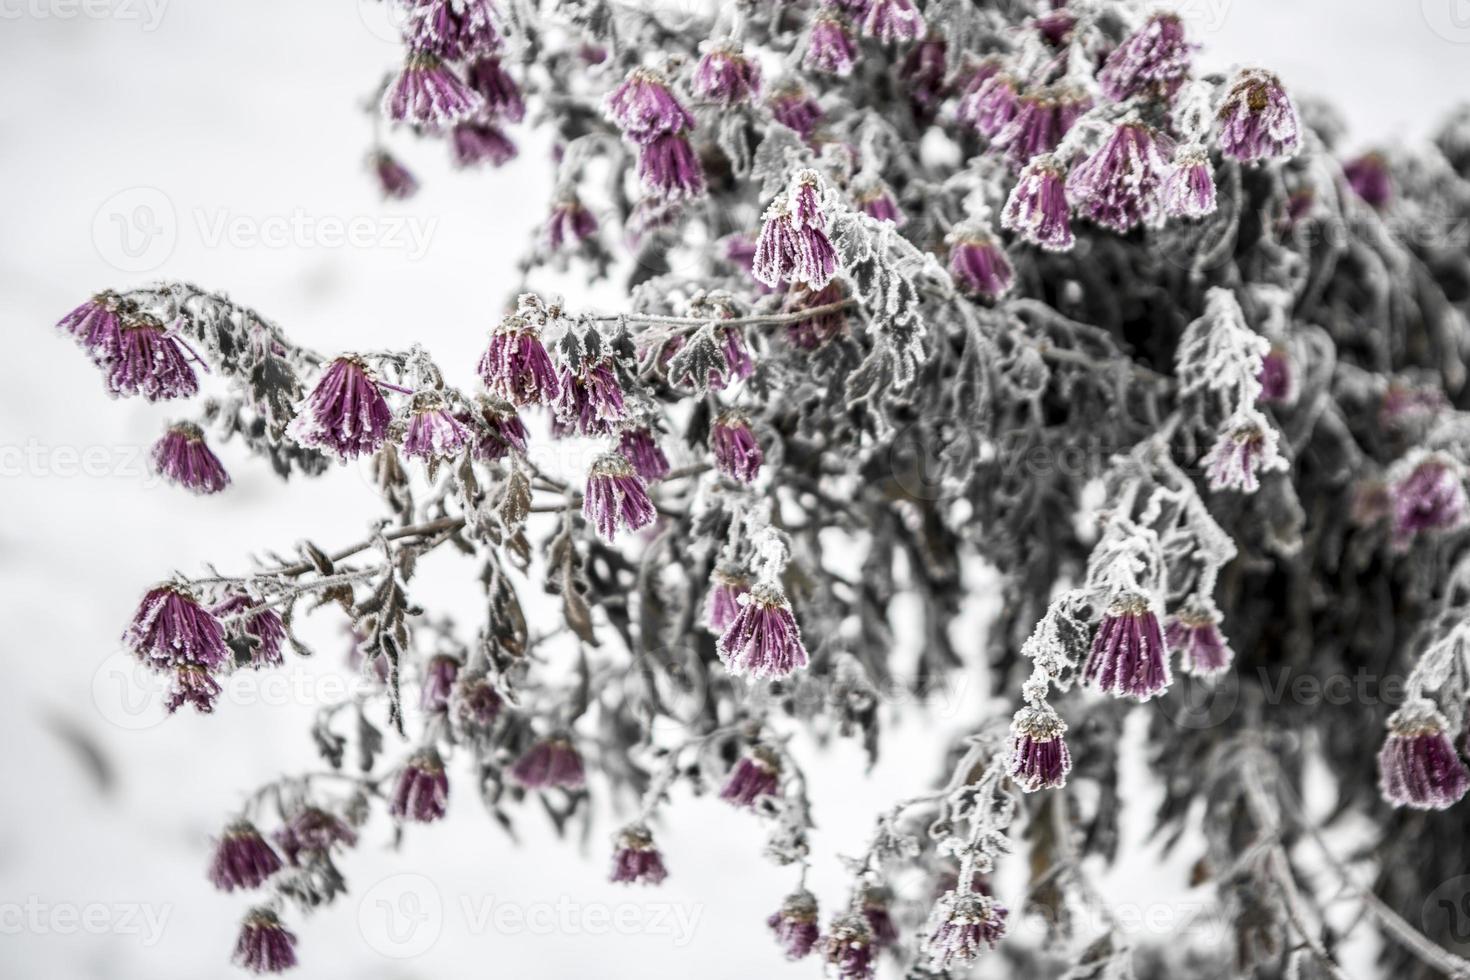 Blumen mit Frost bedeckt foto